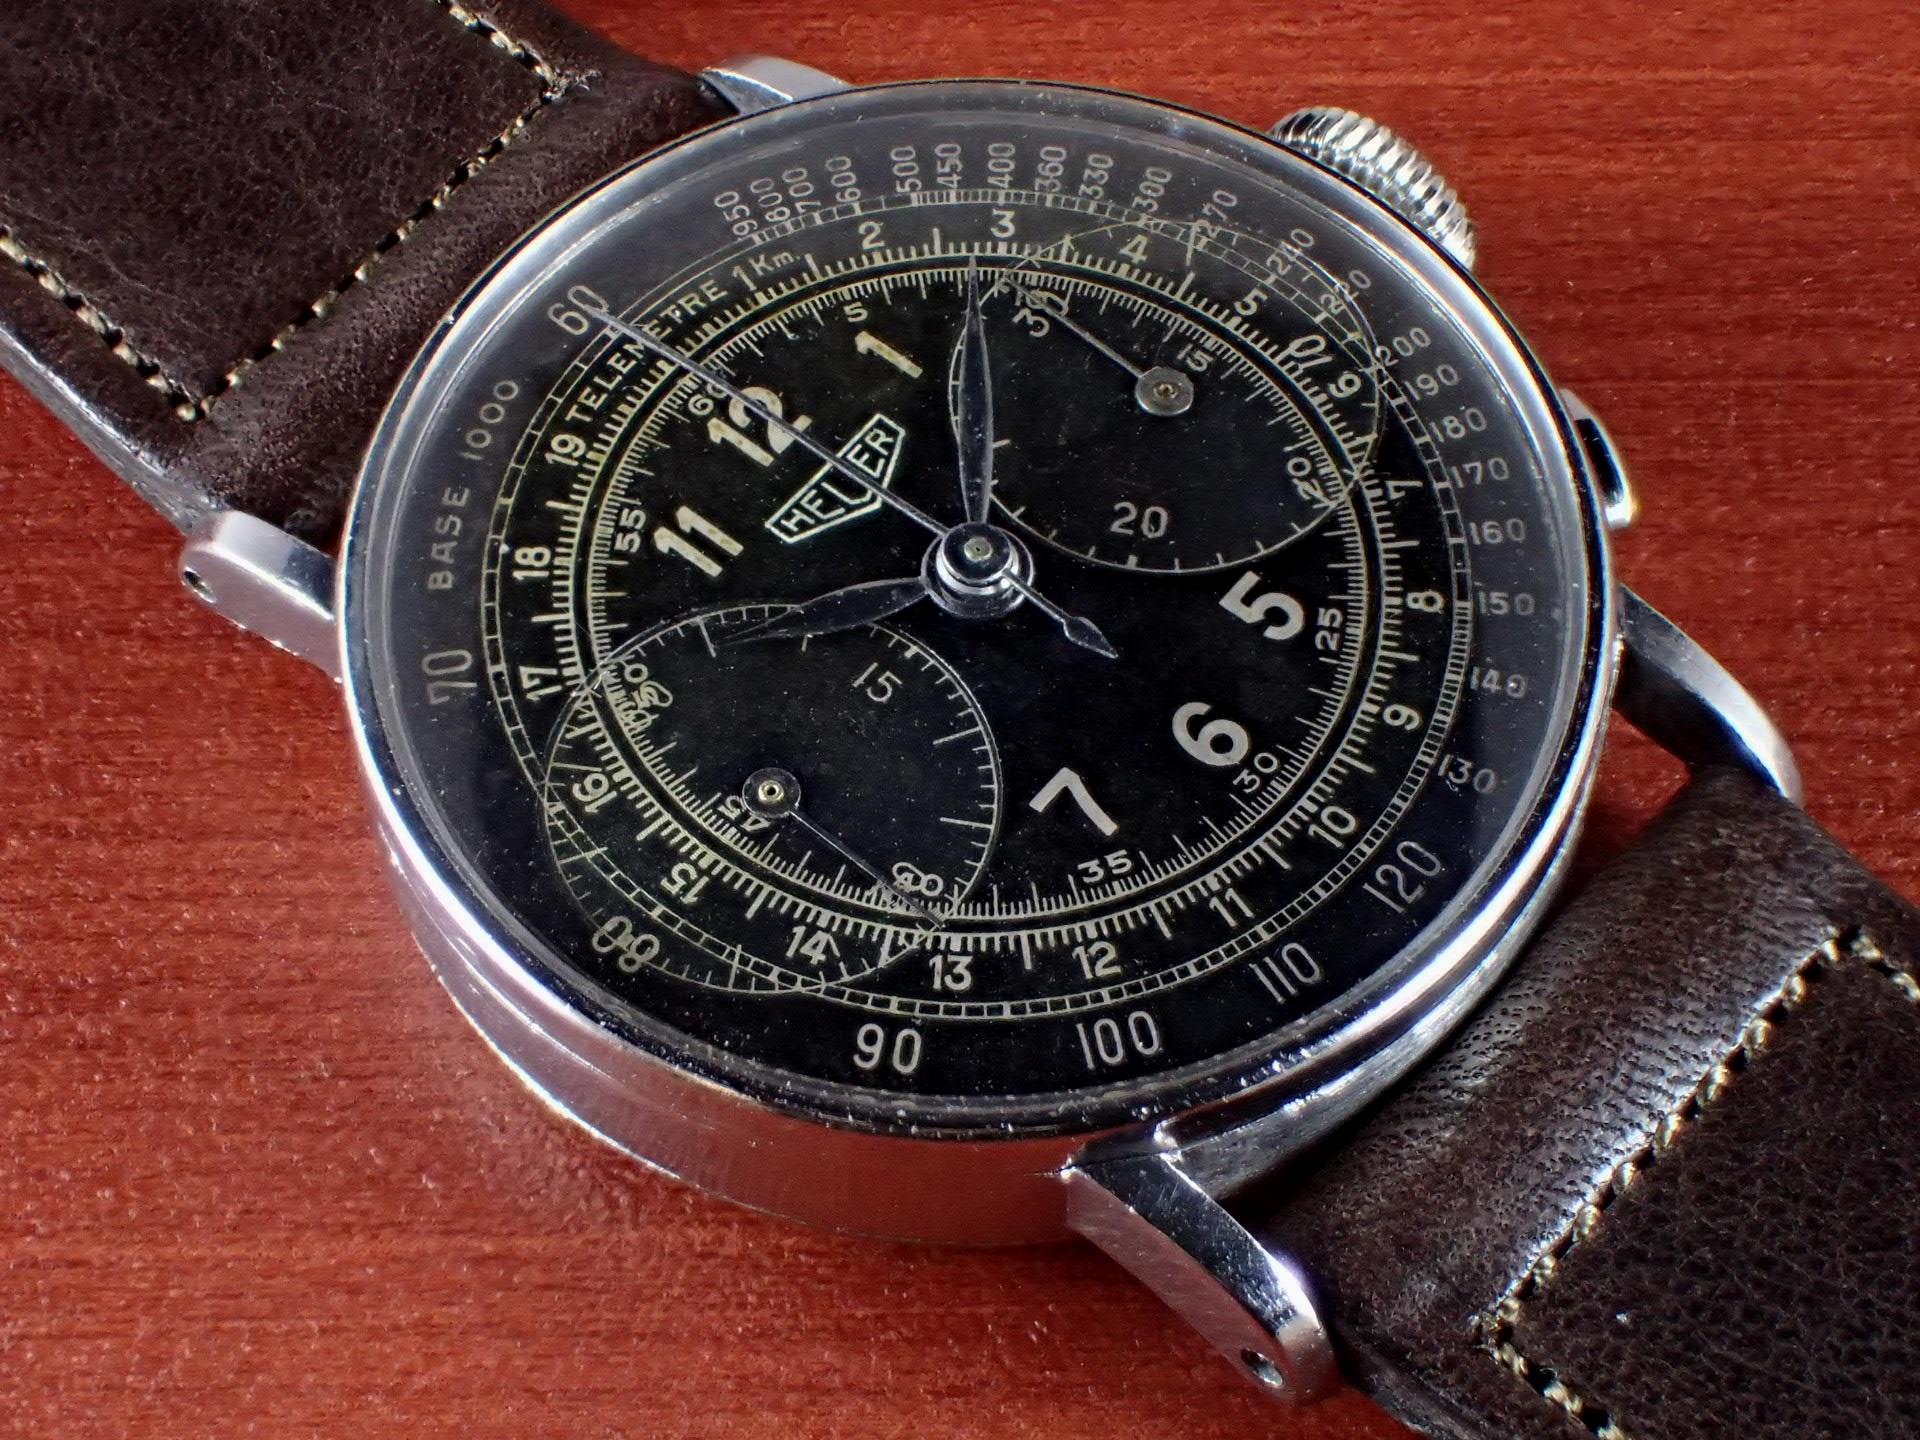 ホイヤー クロノグラフ ビッグアイ ランデロン13 ブラックDL 1940年代のメイン写真